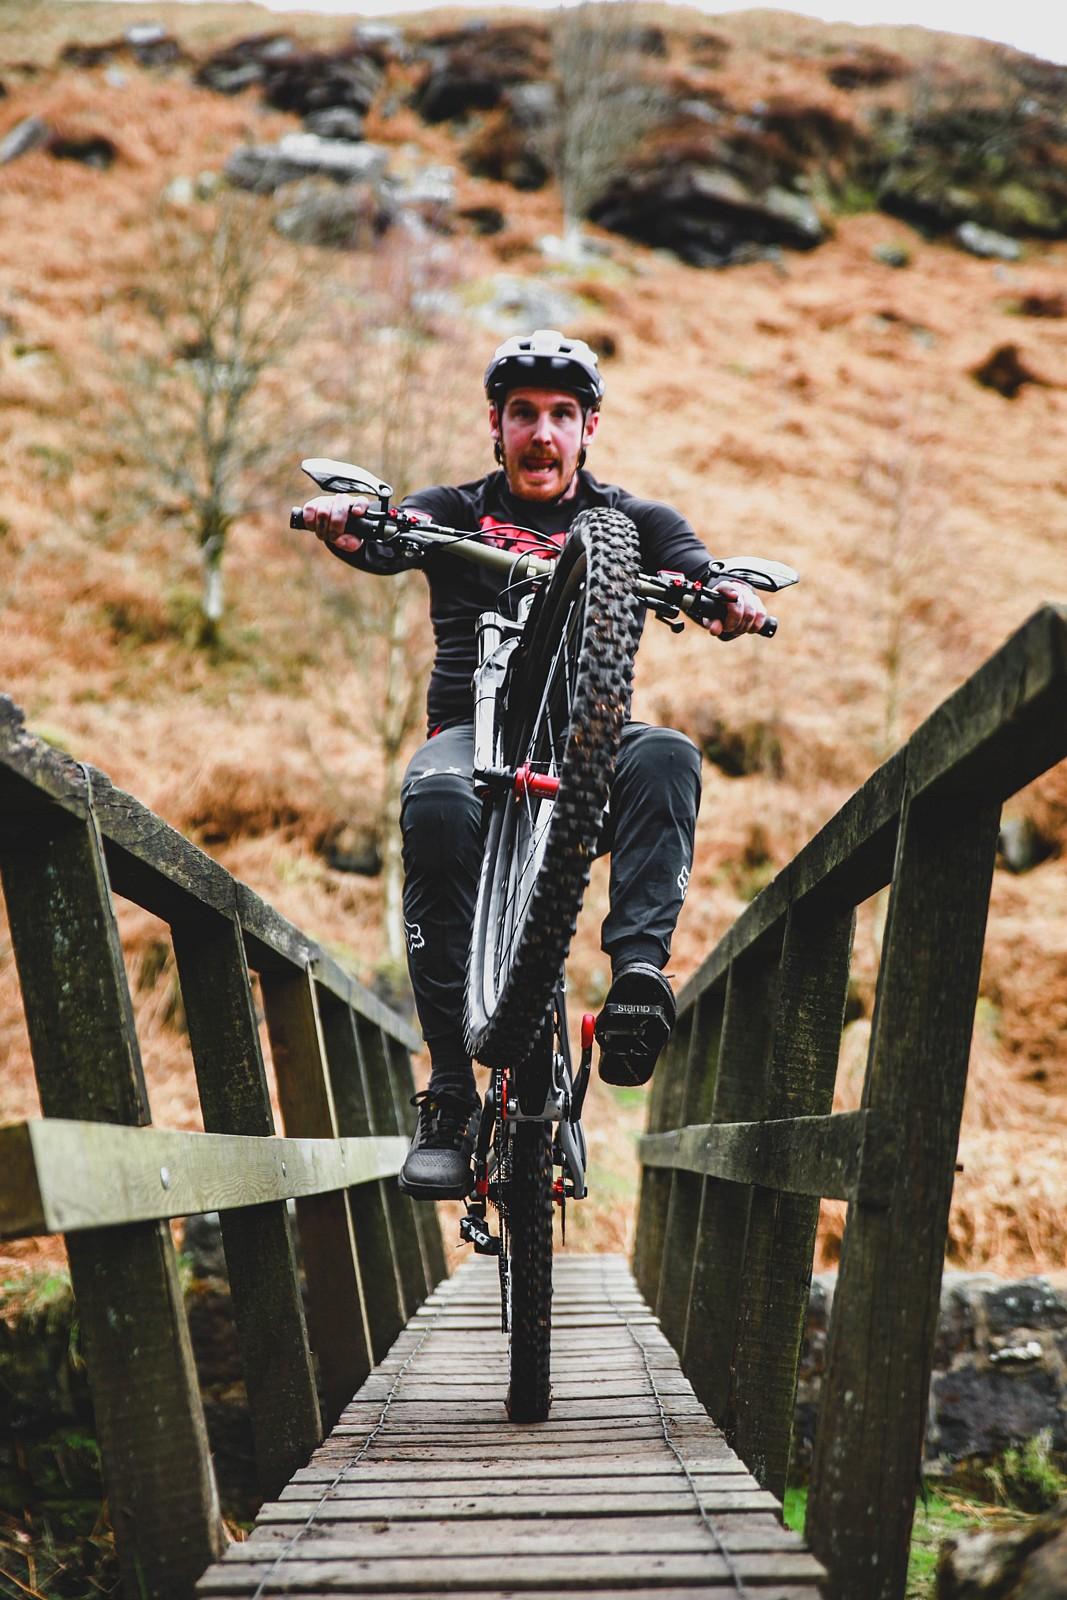 IMG 0544 - Mushrum - Mountain Biking Pictures - Vital MTB